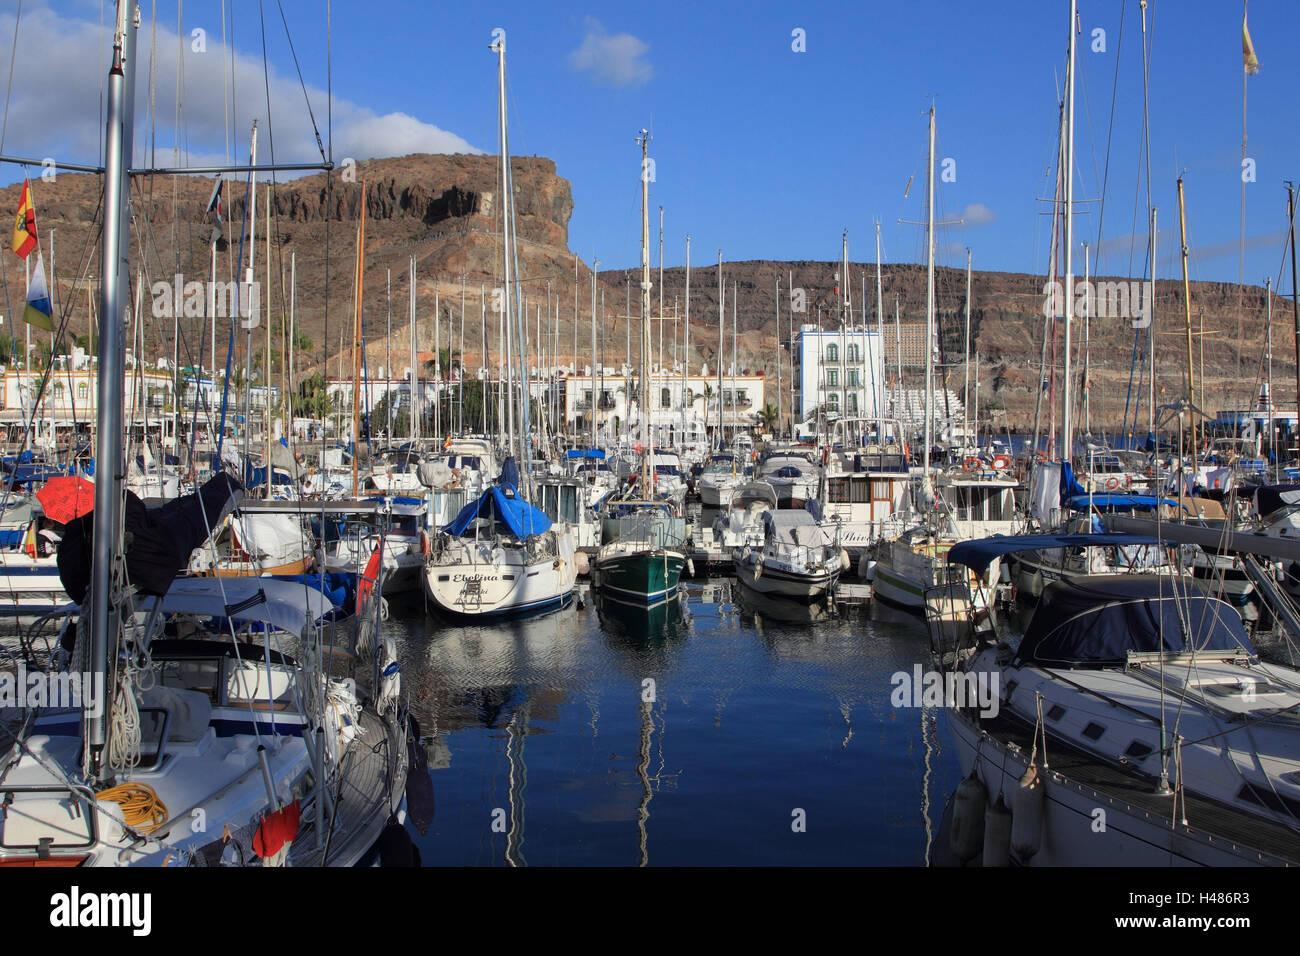 Kanaren, Korn, Canaria, Puerto de Mogan, Hafen, Schiffe, Hochformat, Hafen, Spanien, Atlantik, Meer, niemand, Stiefel, Stockbild